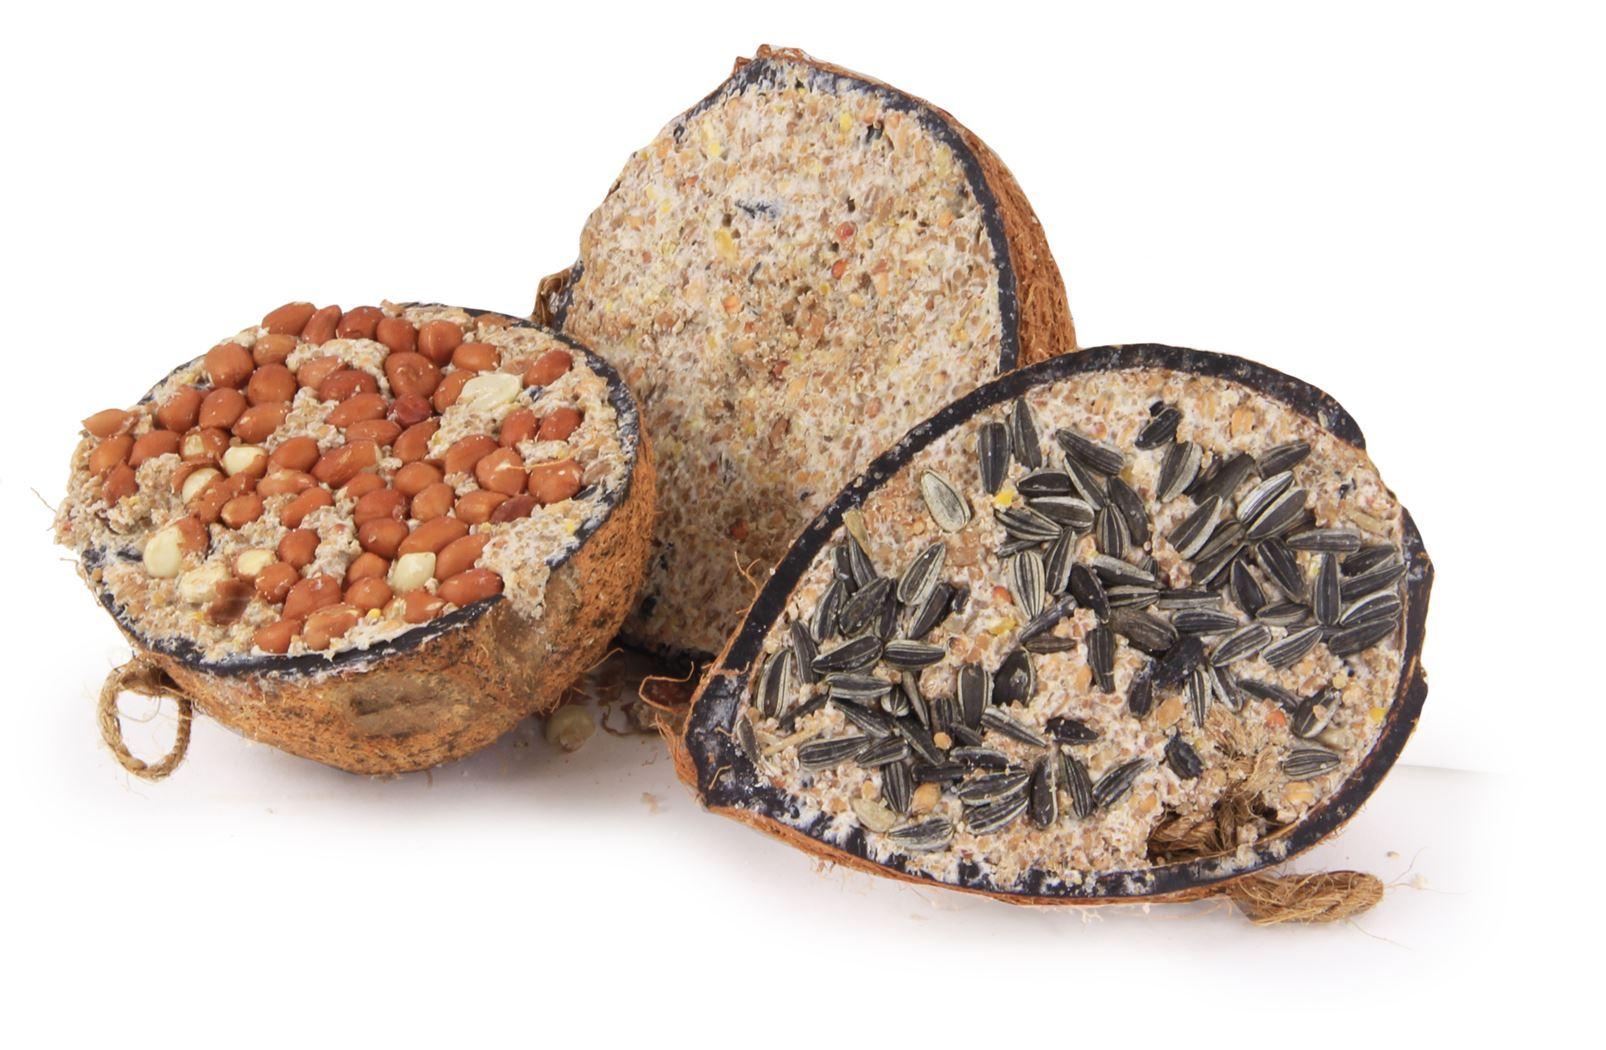 benelux cocosnoot 3 smaken op schaal voor vrije natuurvogels